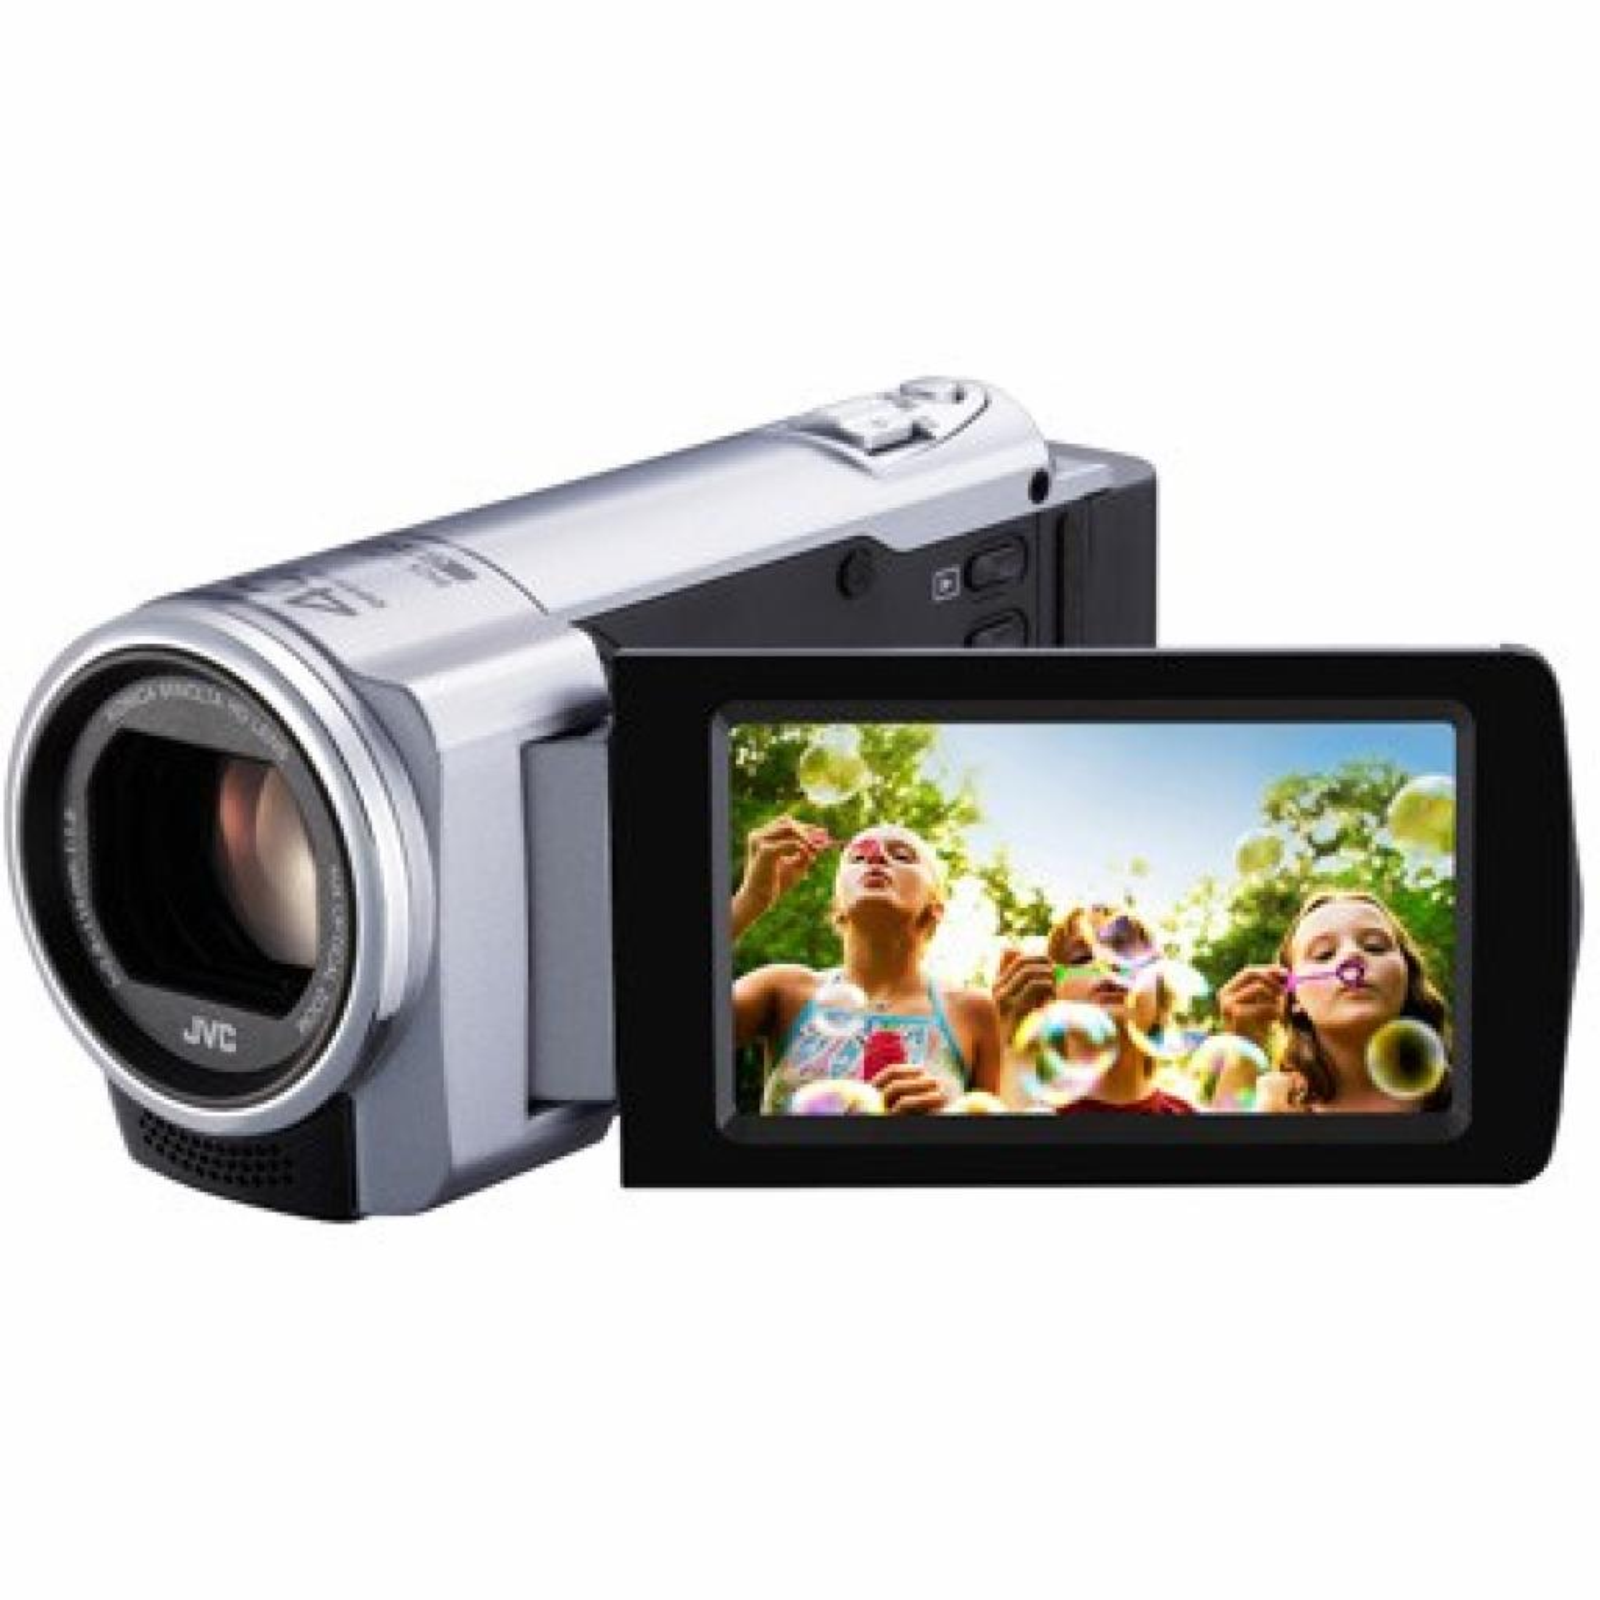 Цифровая видеокамера JVC Everio GZ-E10SEU silver (GZ-E10SEU) изображение 3